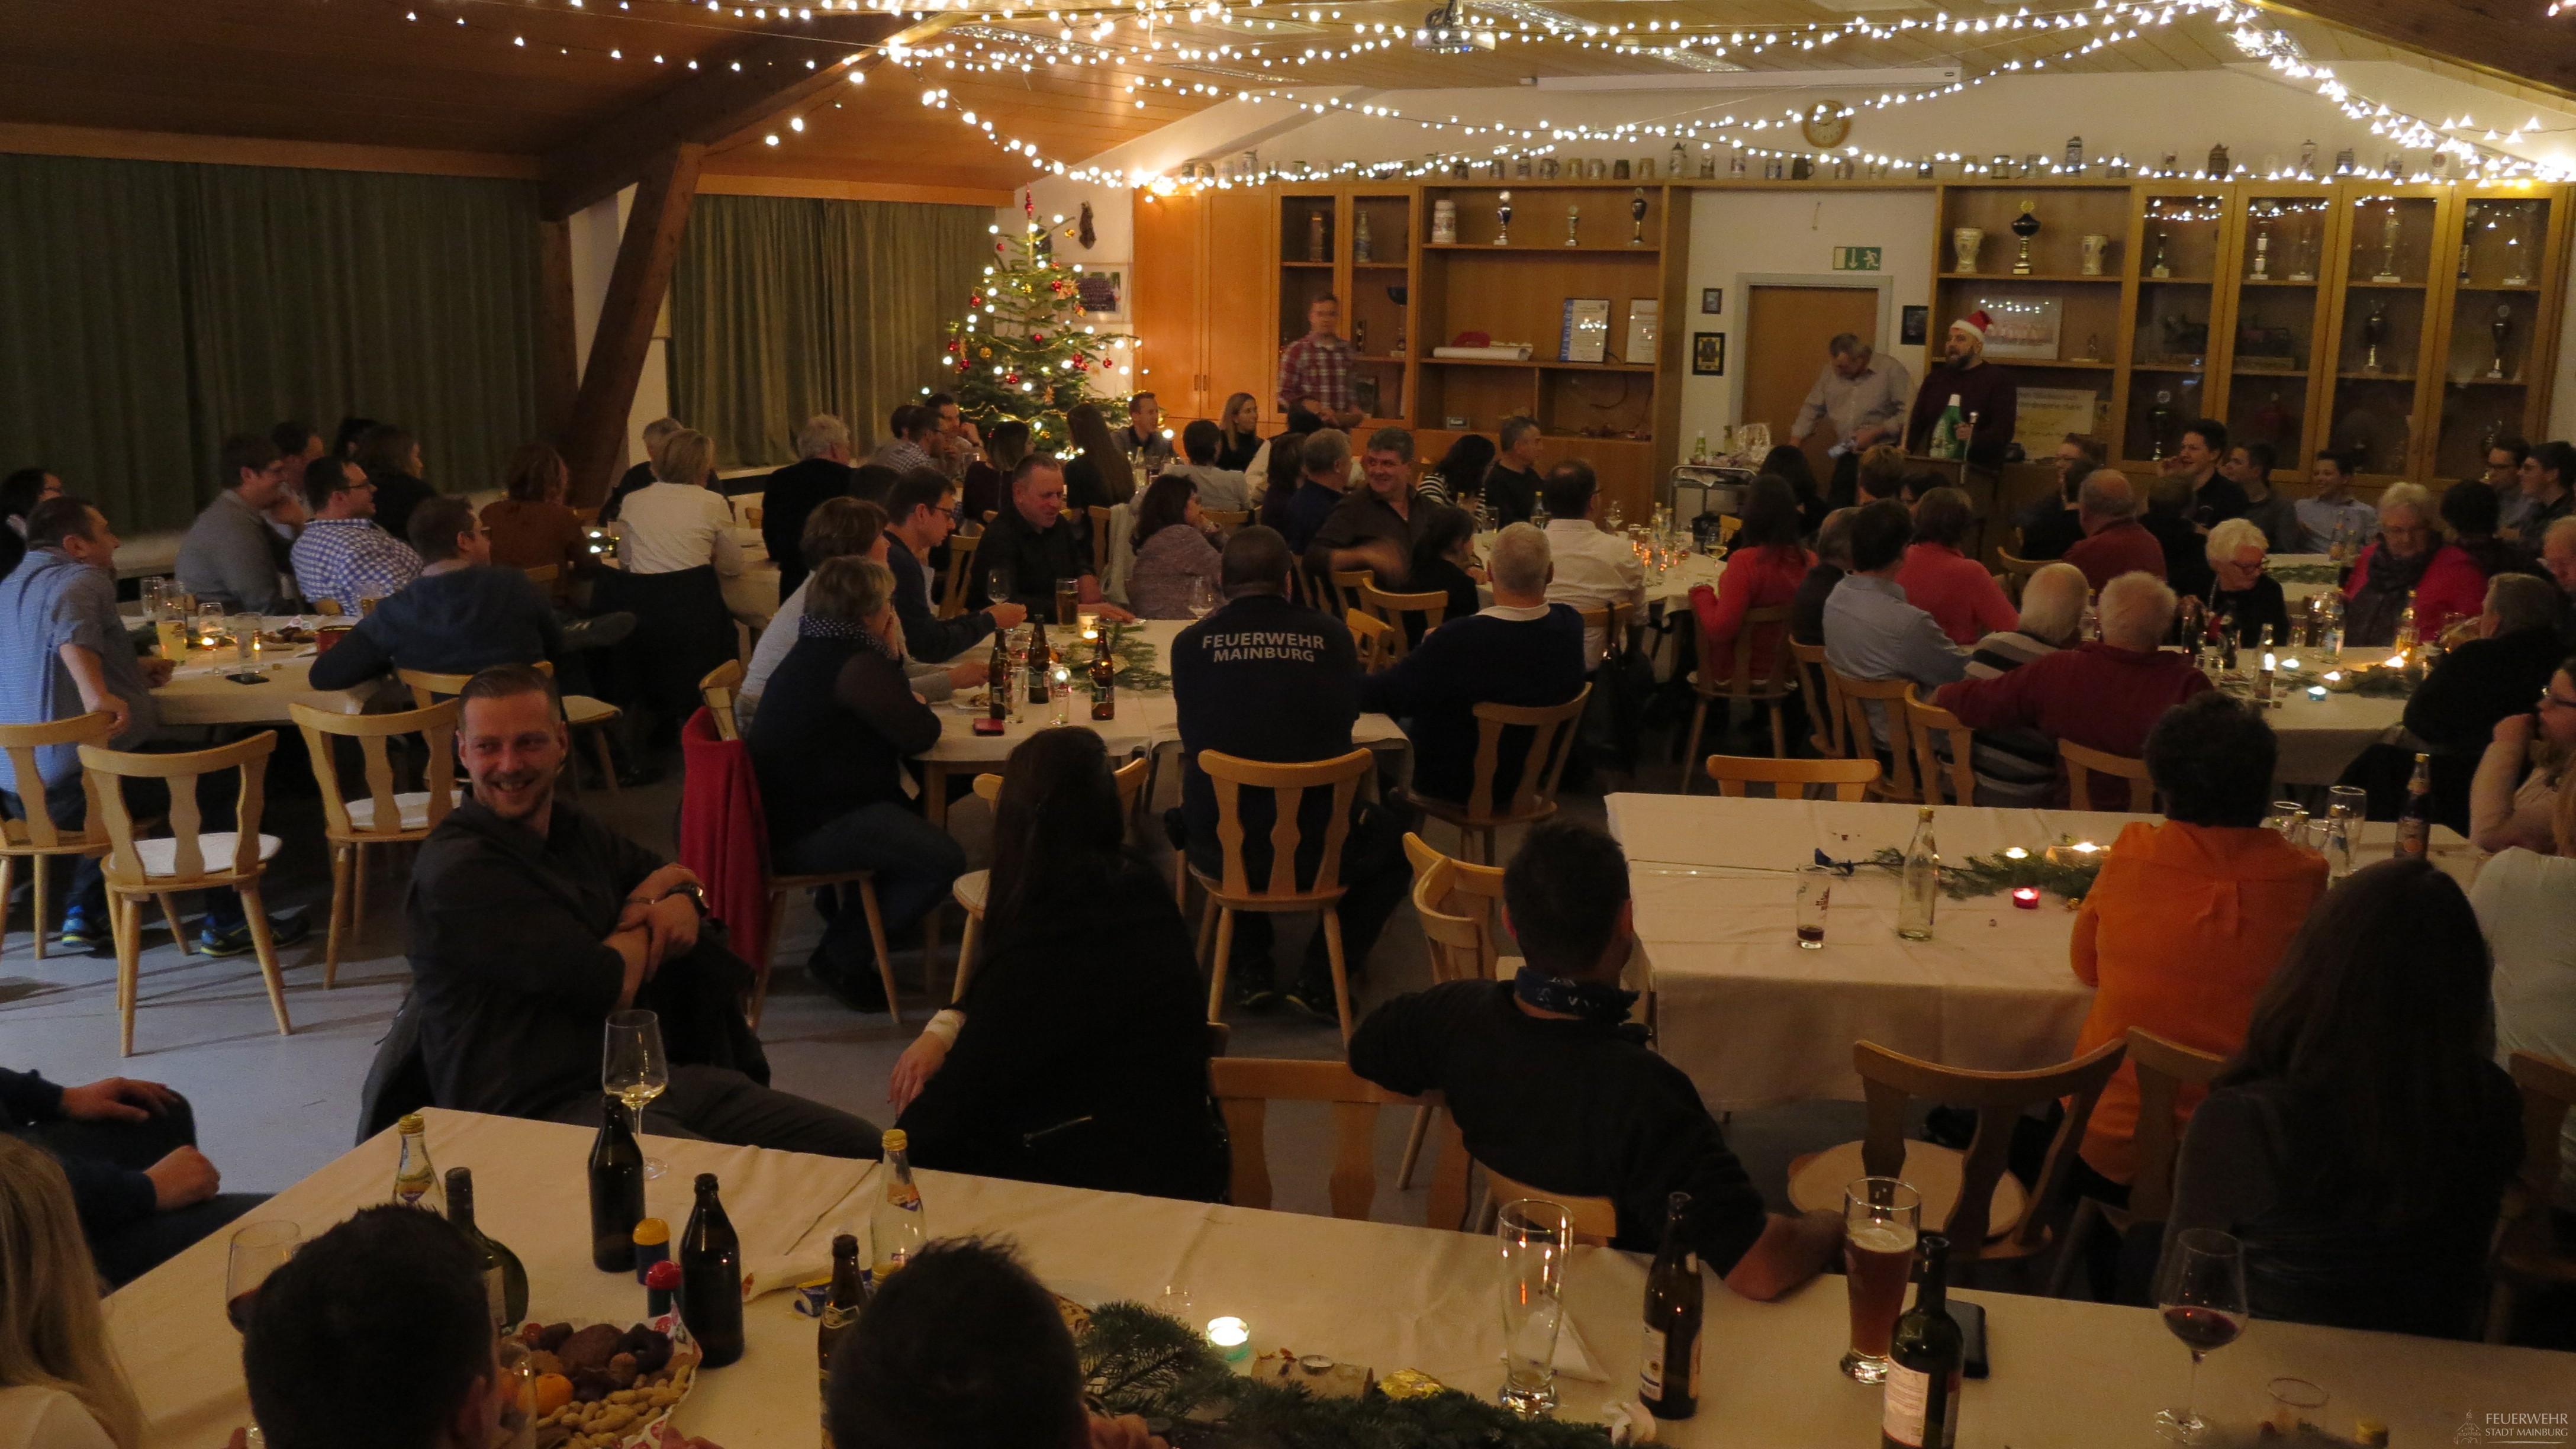 Gemütliches Zusammensitzen zur Weihnachtszeit.